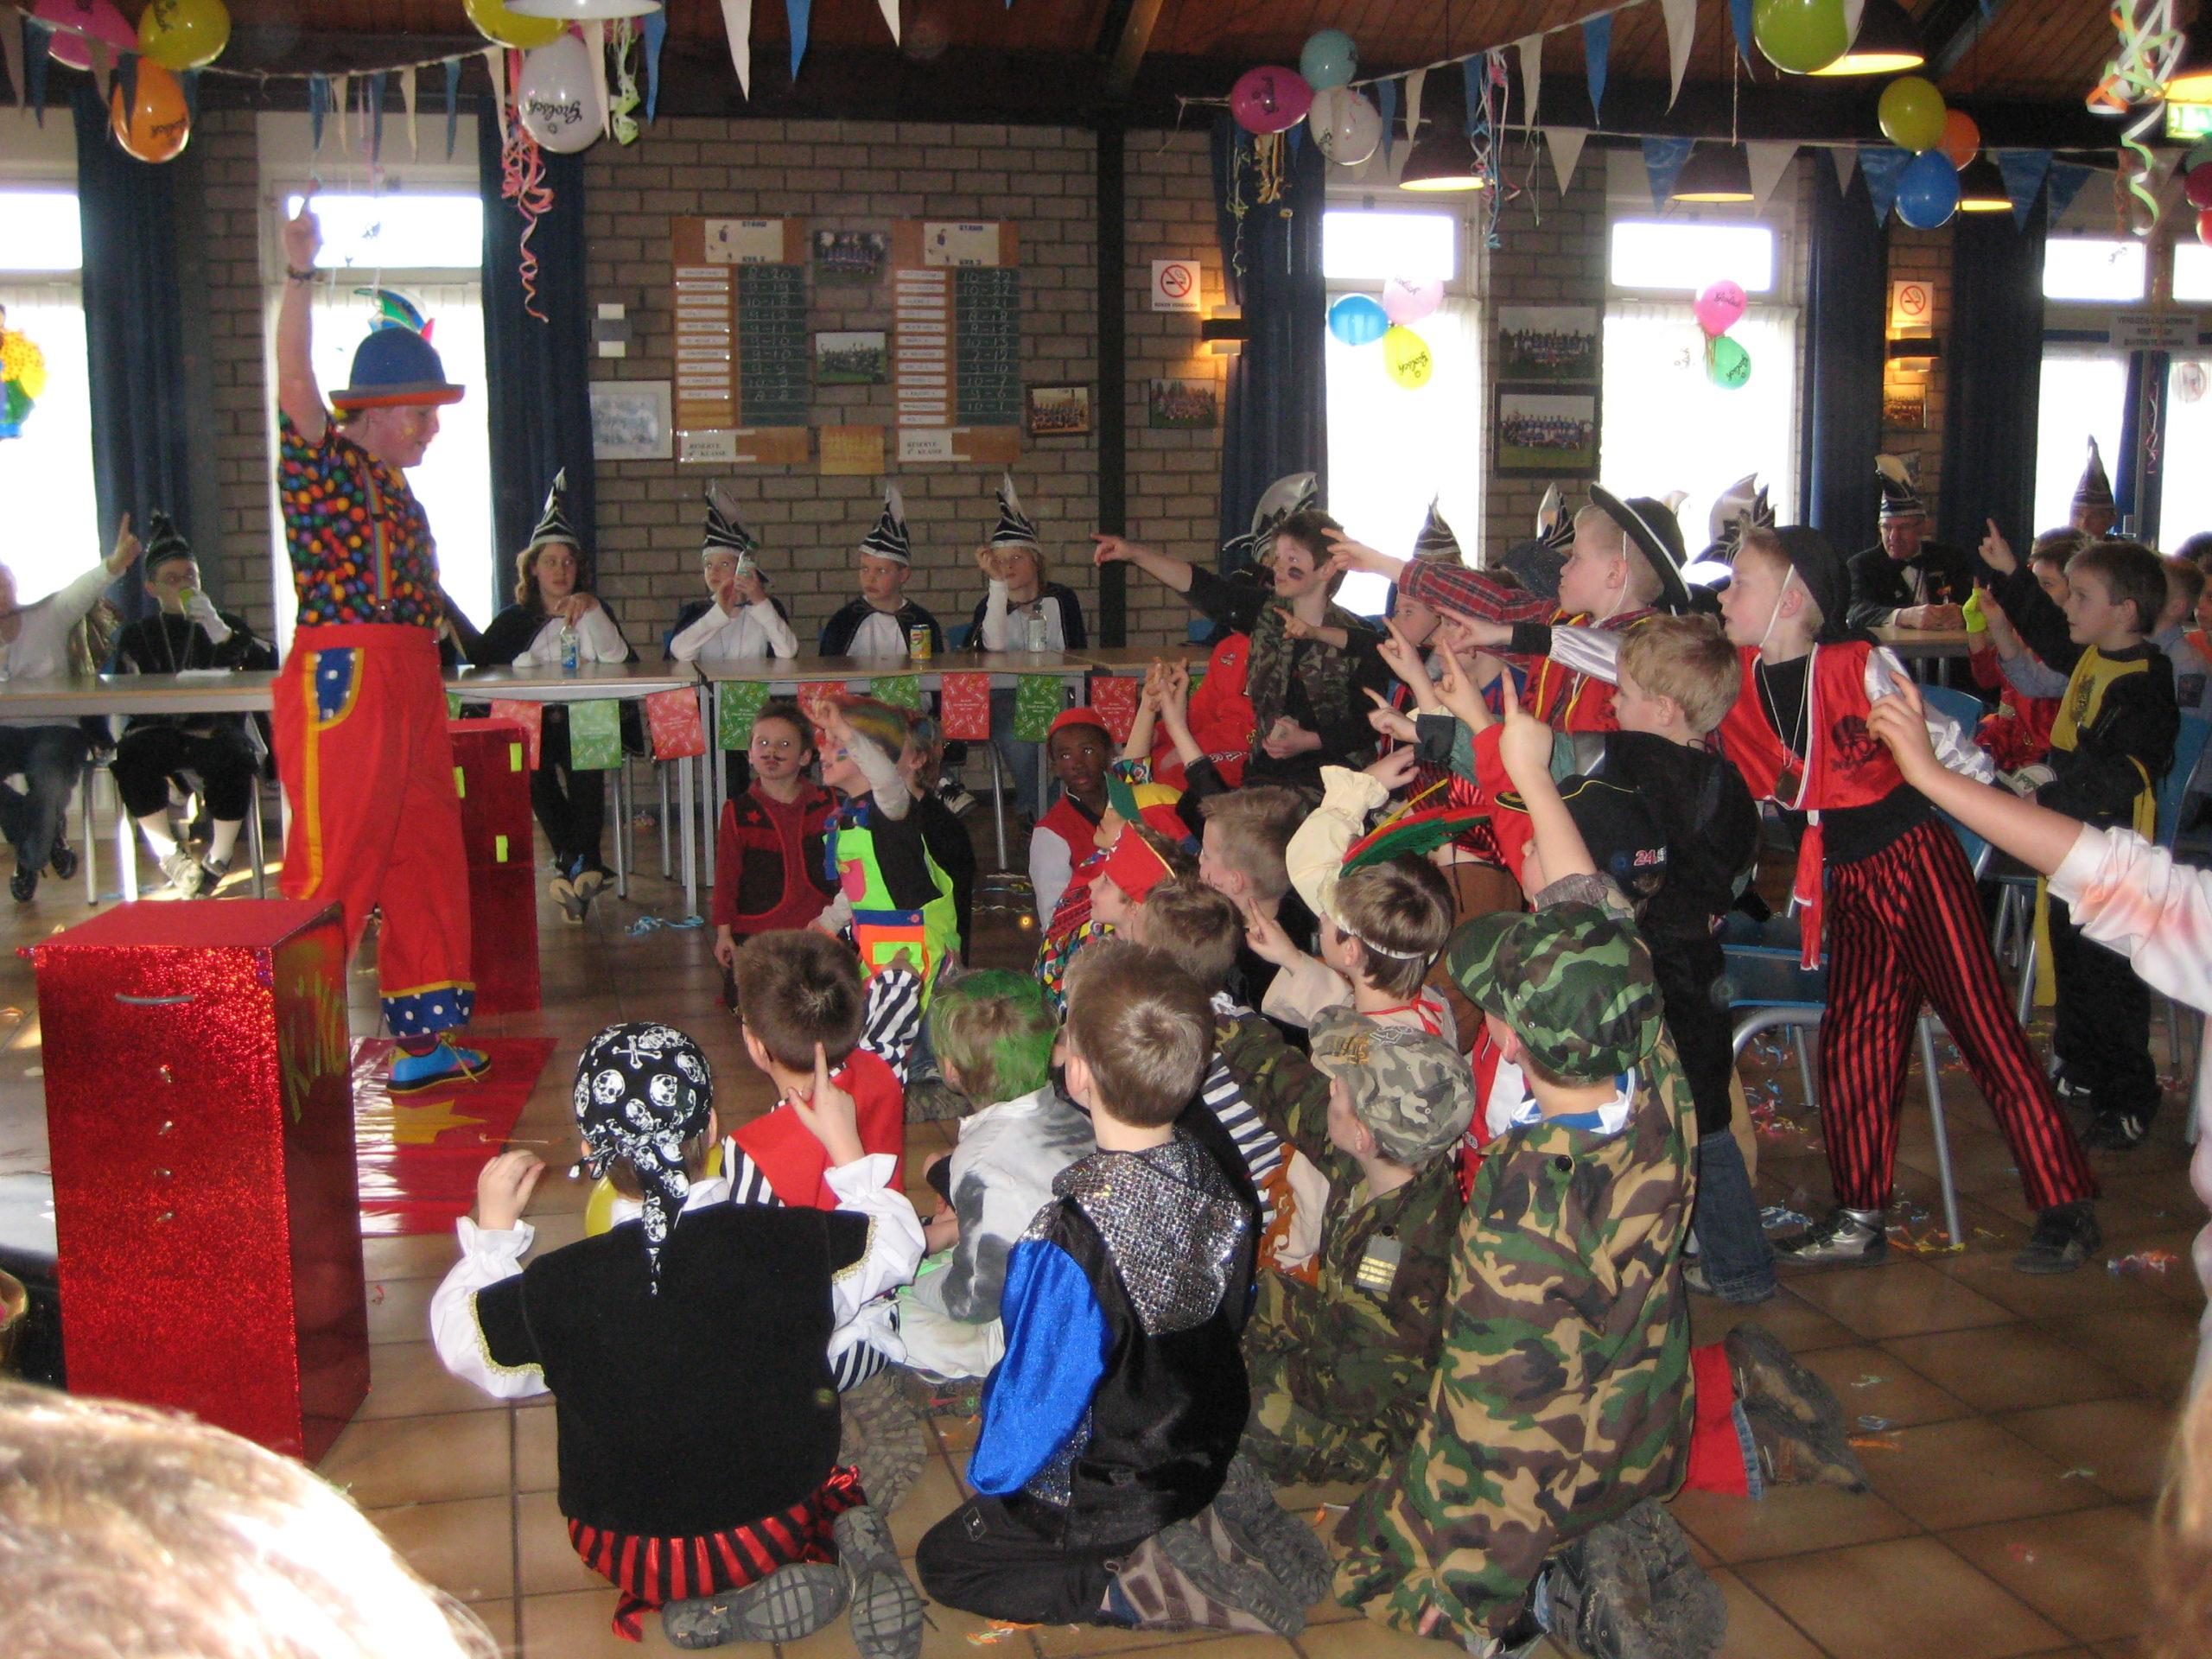 Clown Kiko optreden met carnaval